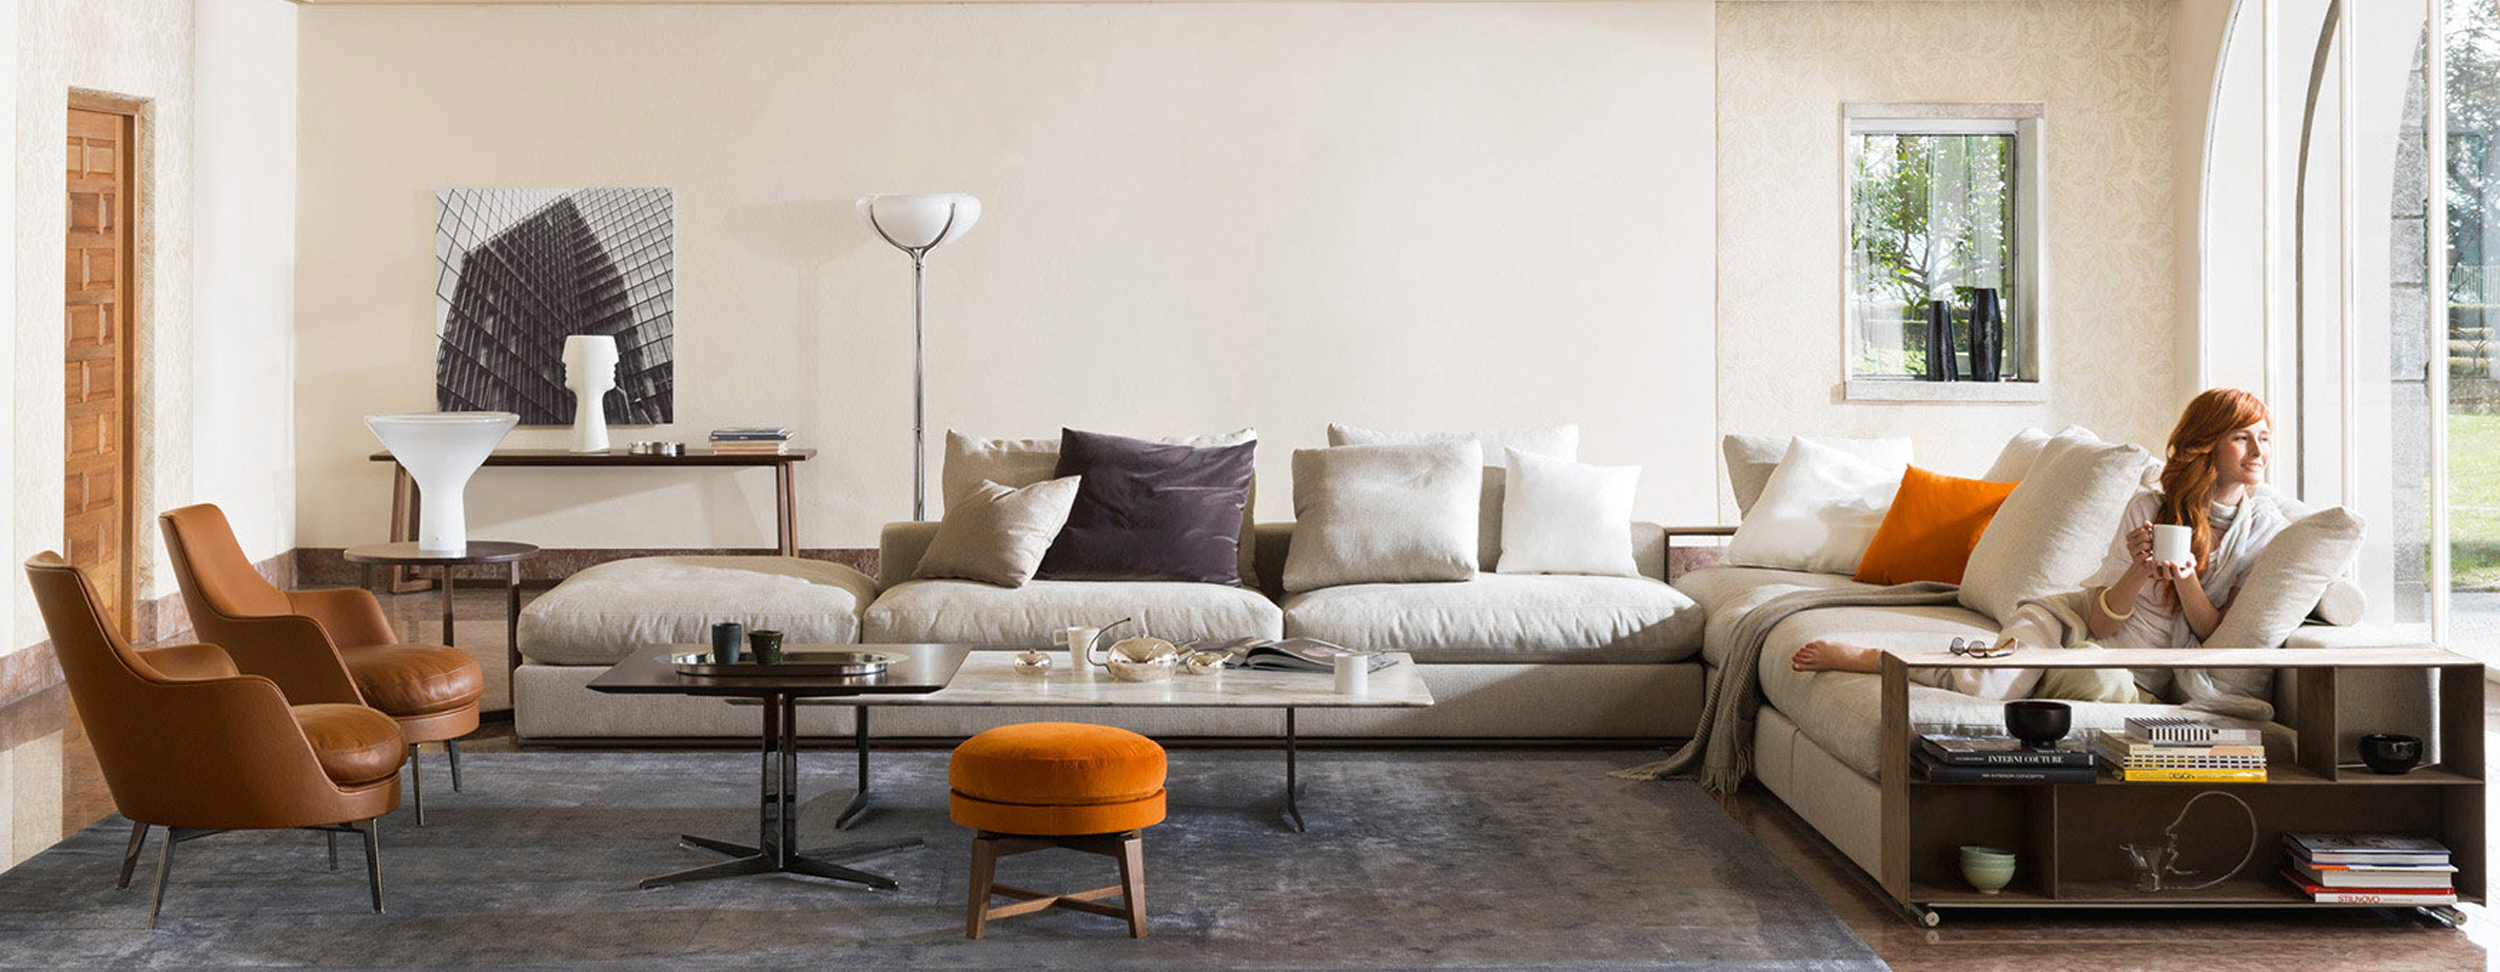 Italian furniture